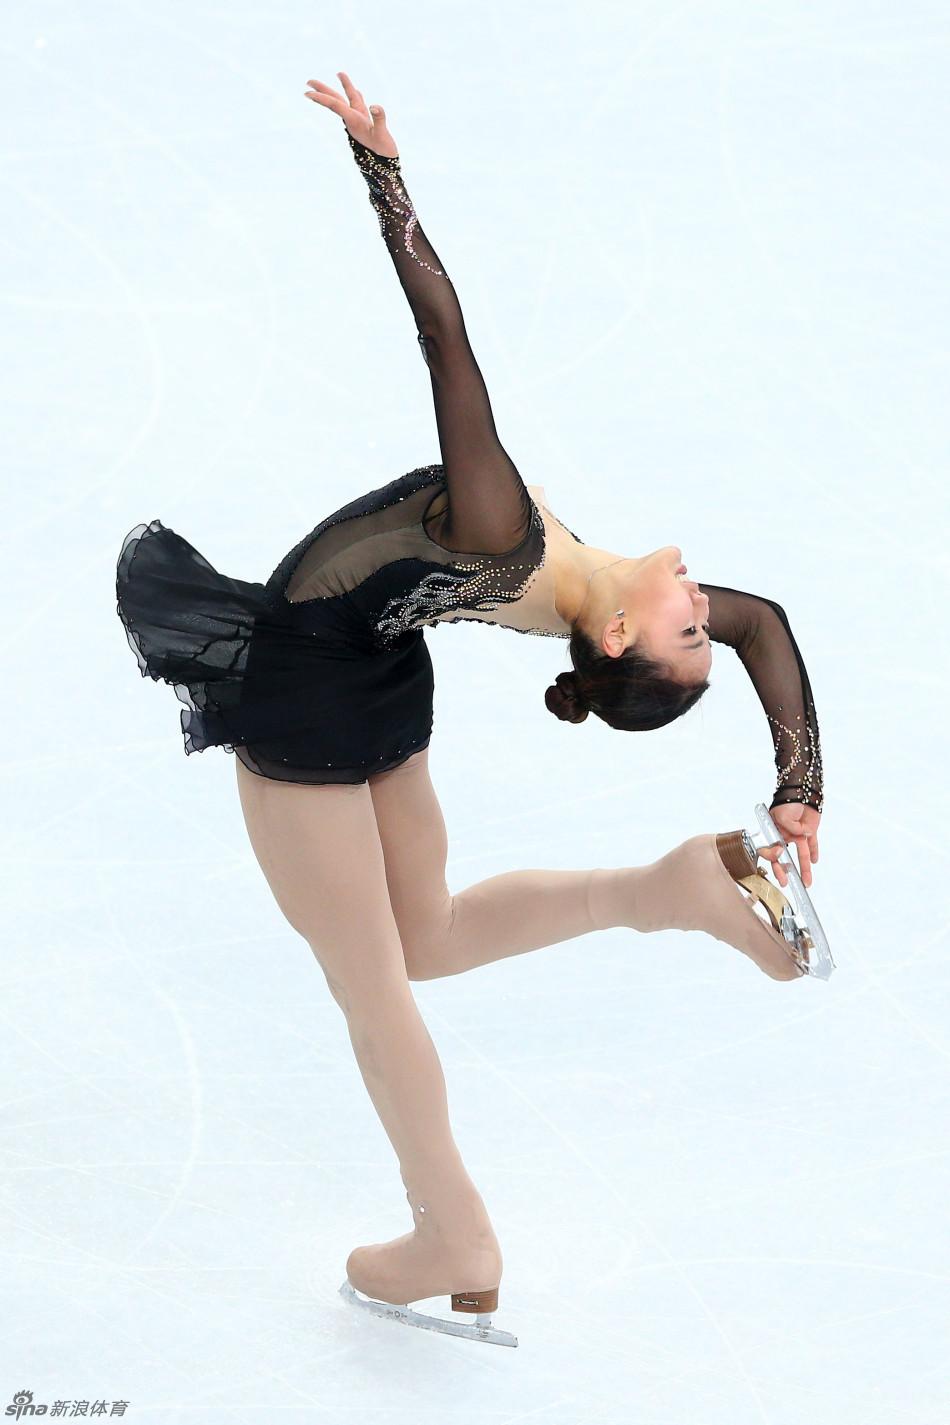 冬奥花滑女神舞姿